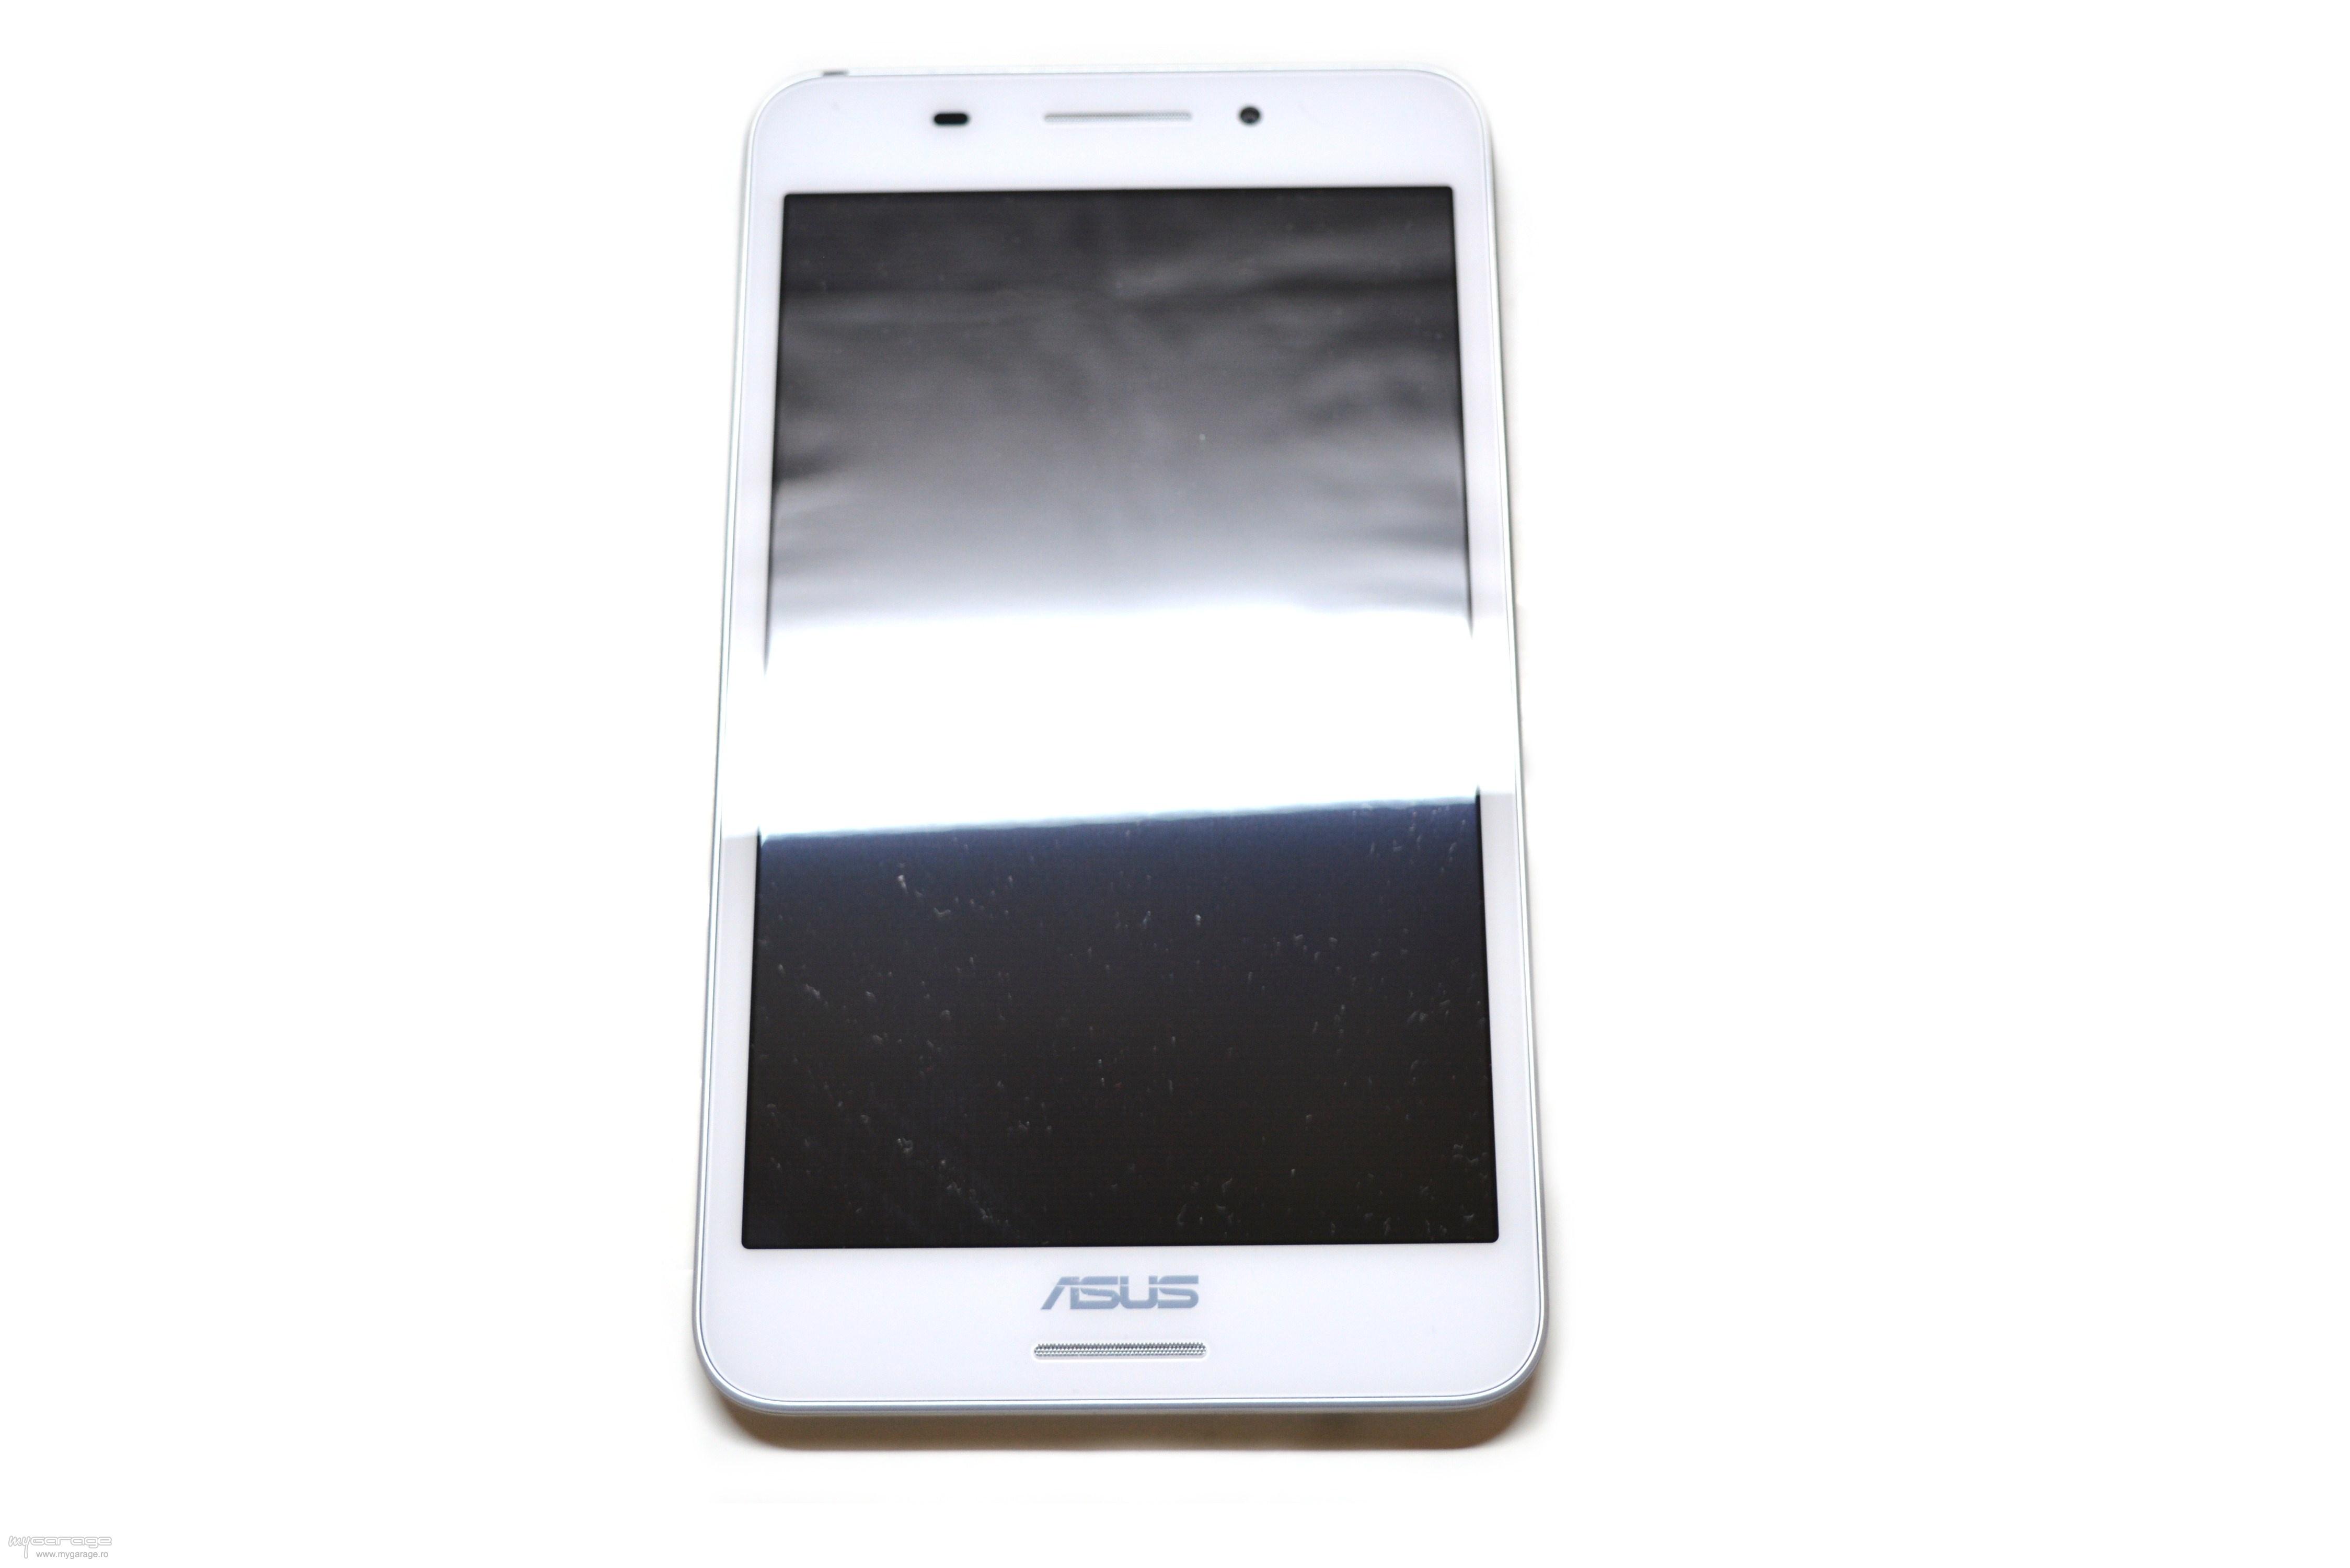 Harga Dan Spek Asus Fonepad Fe375cxg 7 Tablet Gold 8gb 1gb Update Fe170cg Putih Review Tableta Dsc 3578